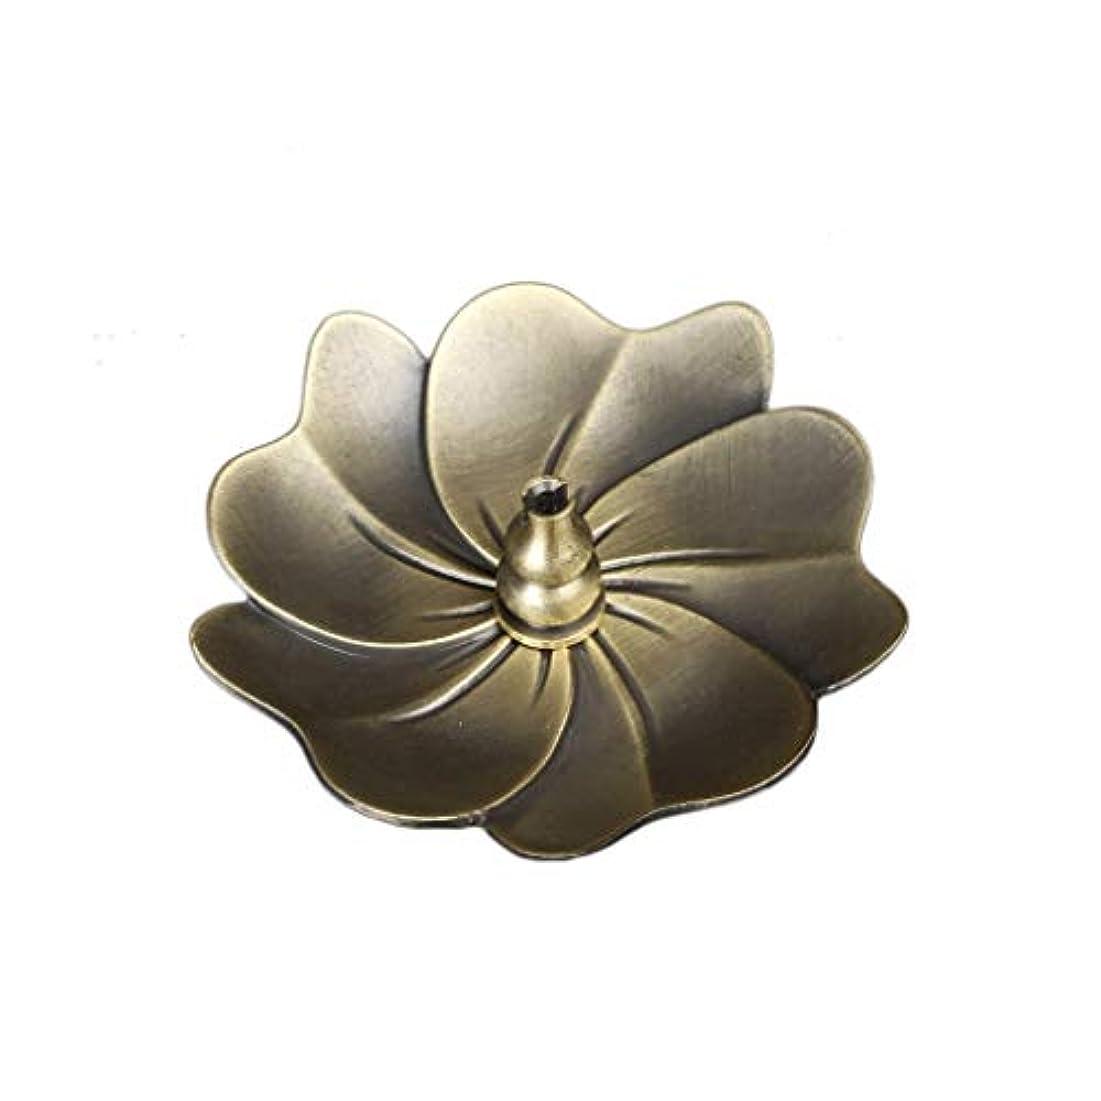 石の決済寄託蓮の香バーナーヴィンテージブロンズ香スティックコイルホルダーアッシュキャッチャートレイプレートホーム仏教の装飾誕生日香ホルダー (Color : C)